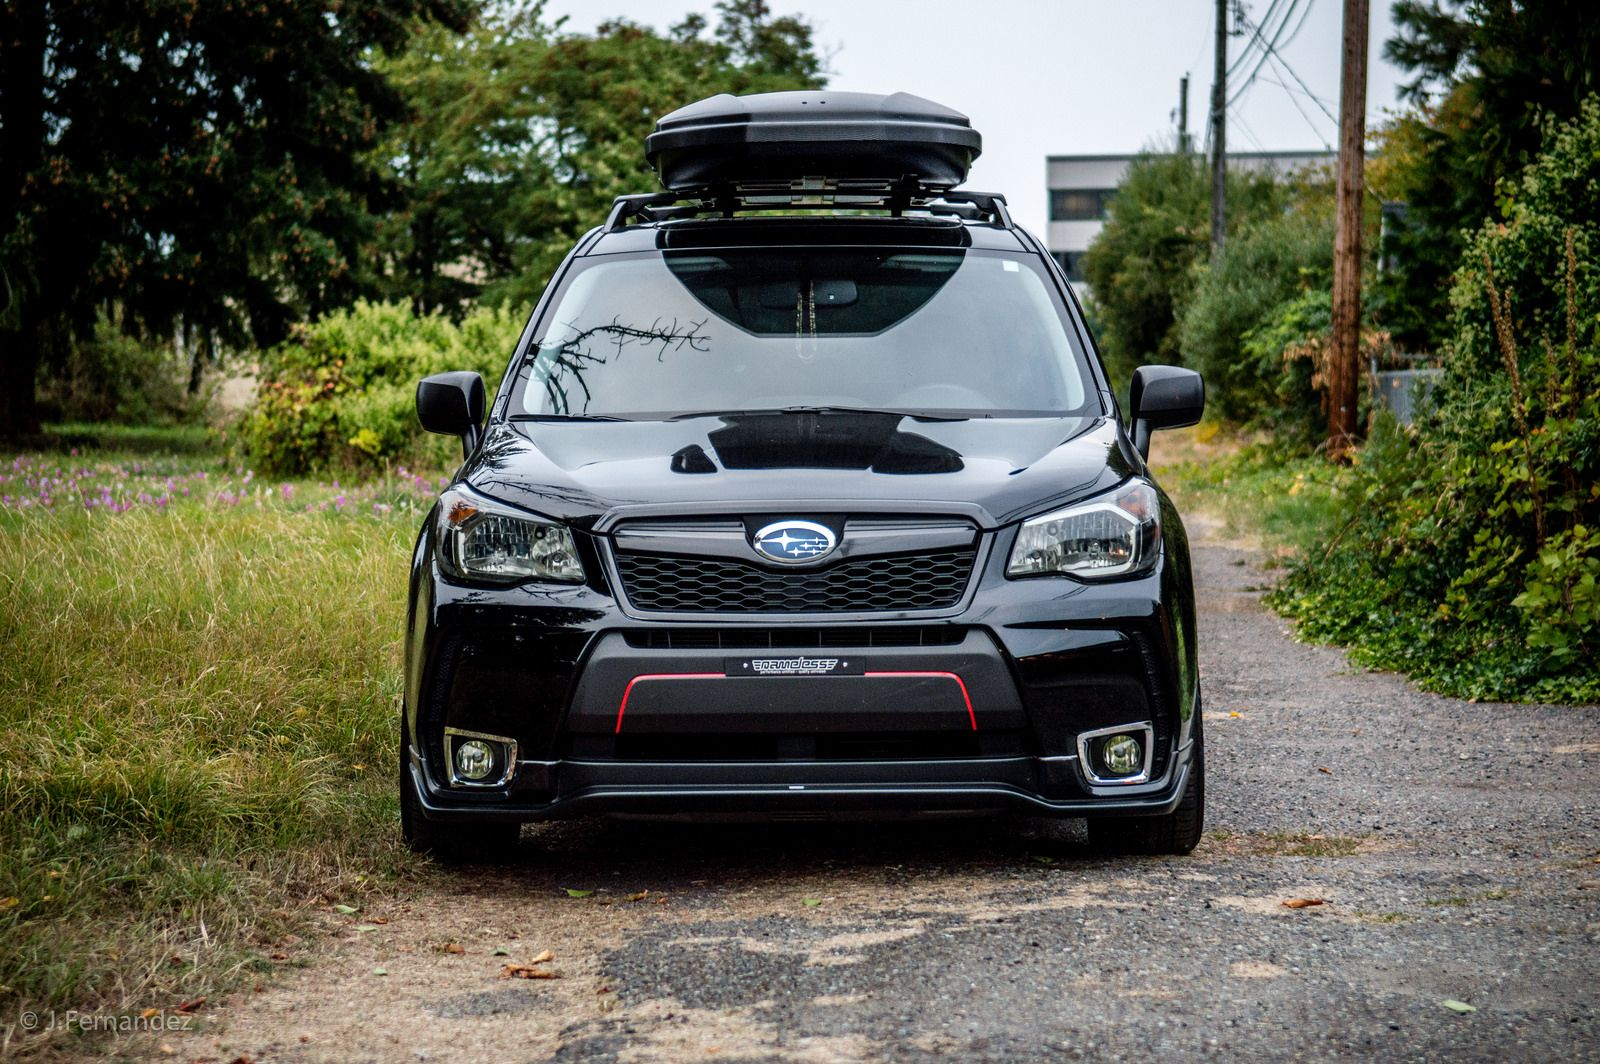 2015 Subaru Forester Ts D R I V E Subaru Subaru Forester